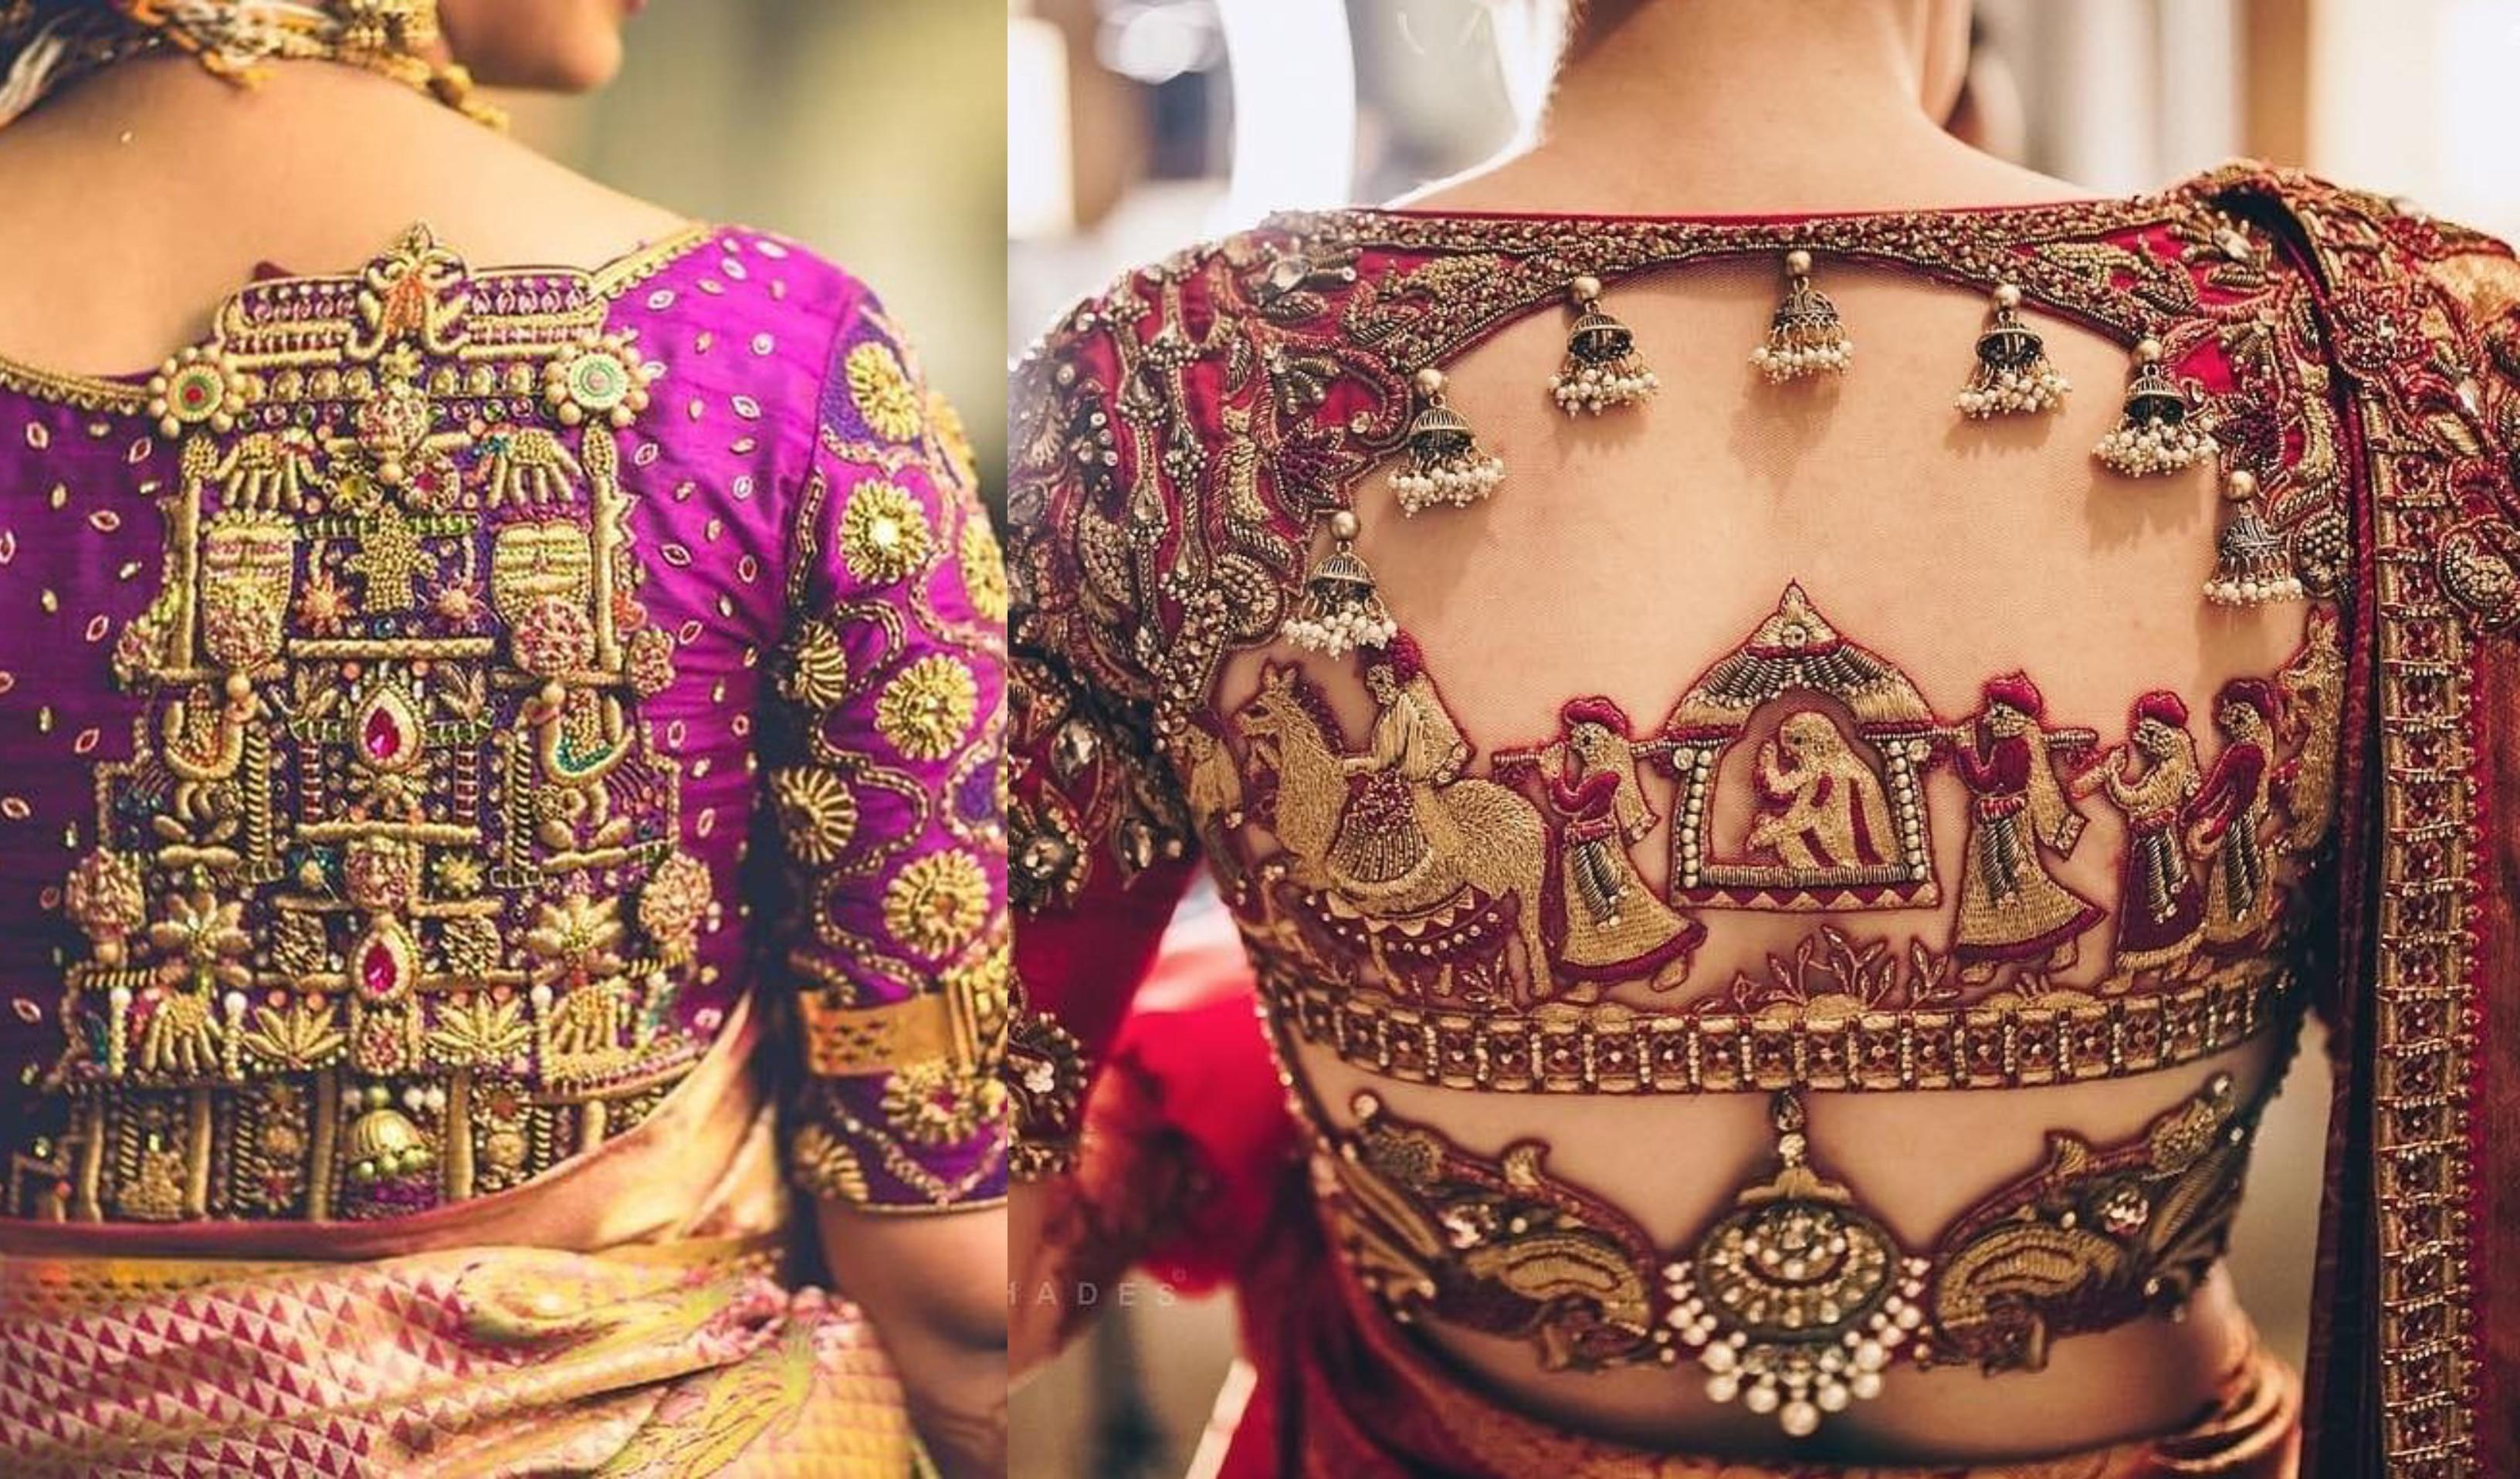 30 South Indian Blouse Designs For A Royal Bridal Look Shaadisaga